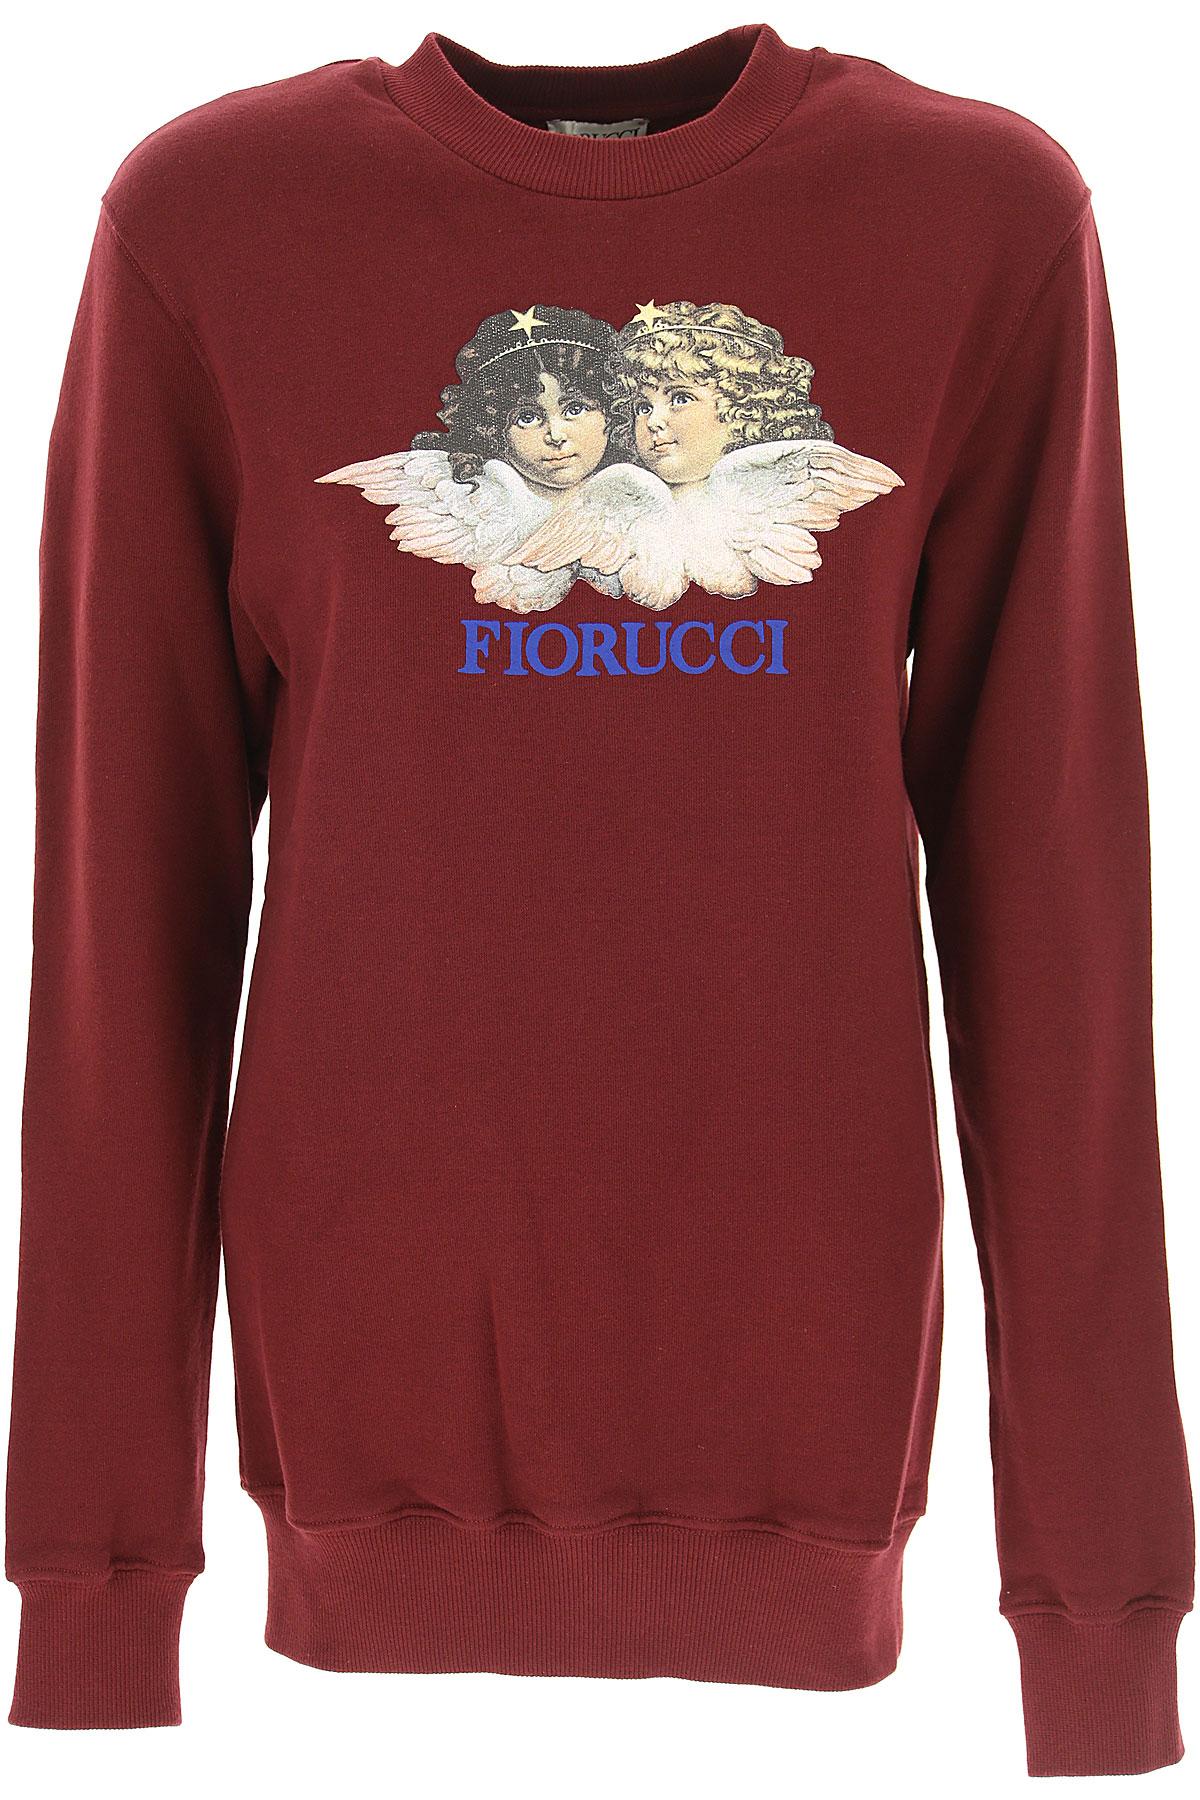 Fiorucci Sweatshirt for Women Pas cher en Soldes, Bordeaux, Coton, 2019, 38 40 44 M